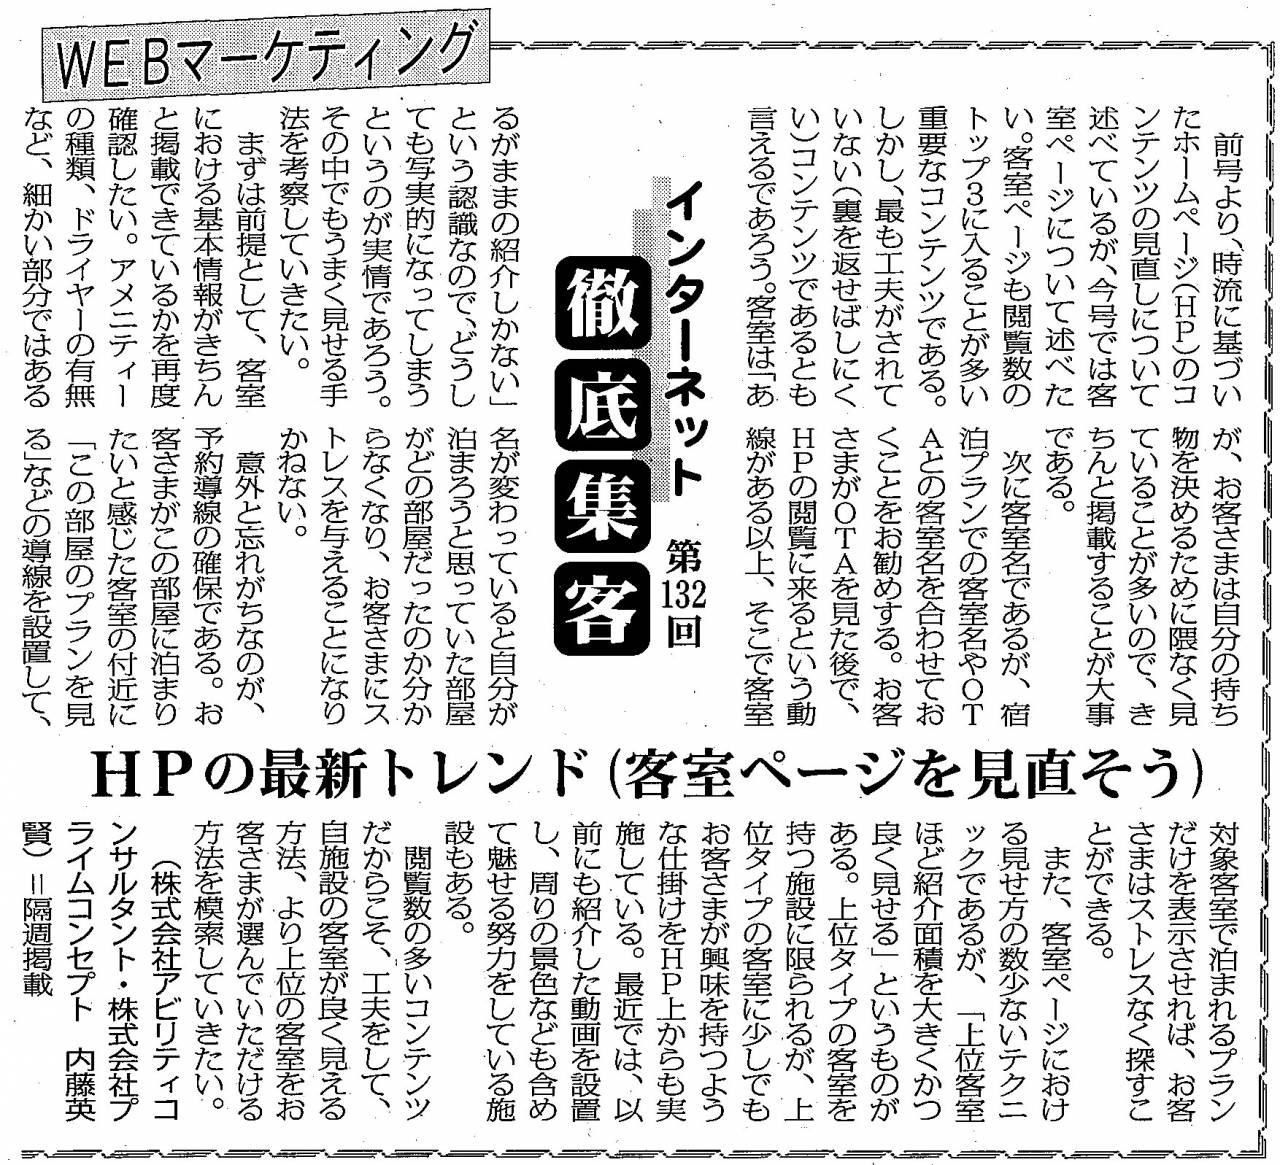 【第132回】WEBマーケティング  HPの最新トレンド(客室ページを見直そう)